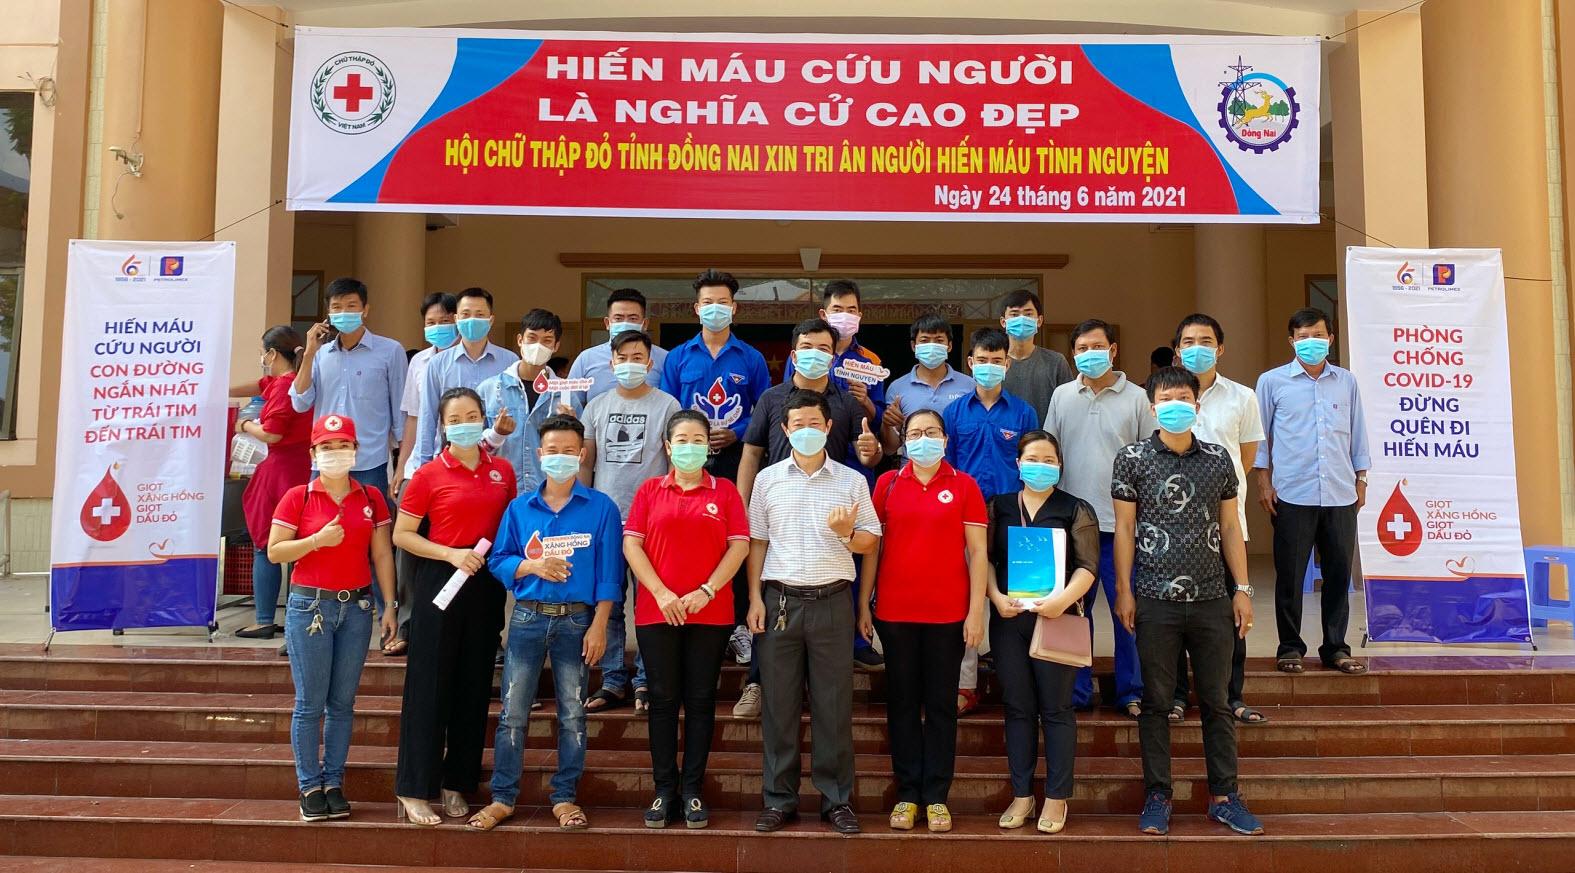 NLĐ Petrolimex Đồng Nai tiếp nguồn máu khan hiếm giữa dịch Covid-19